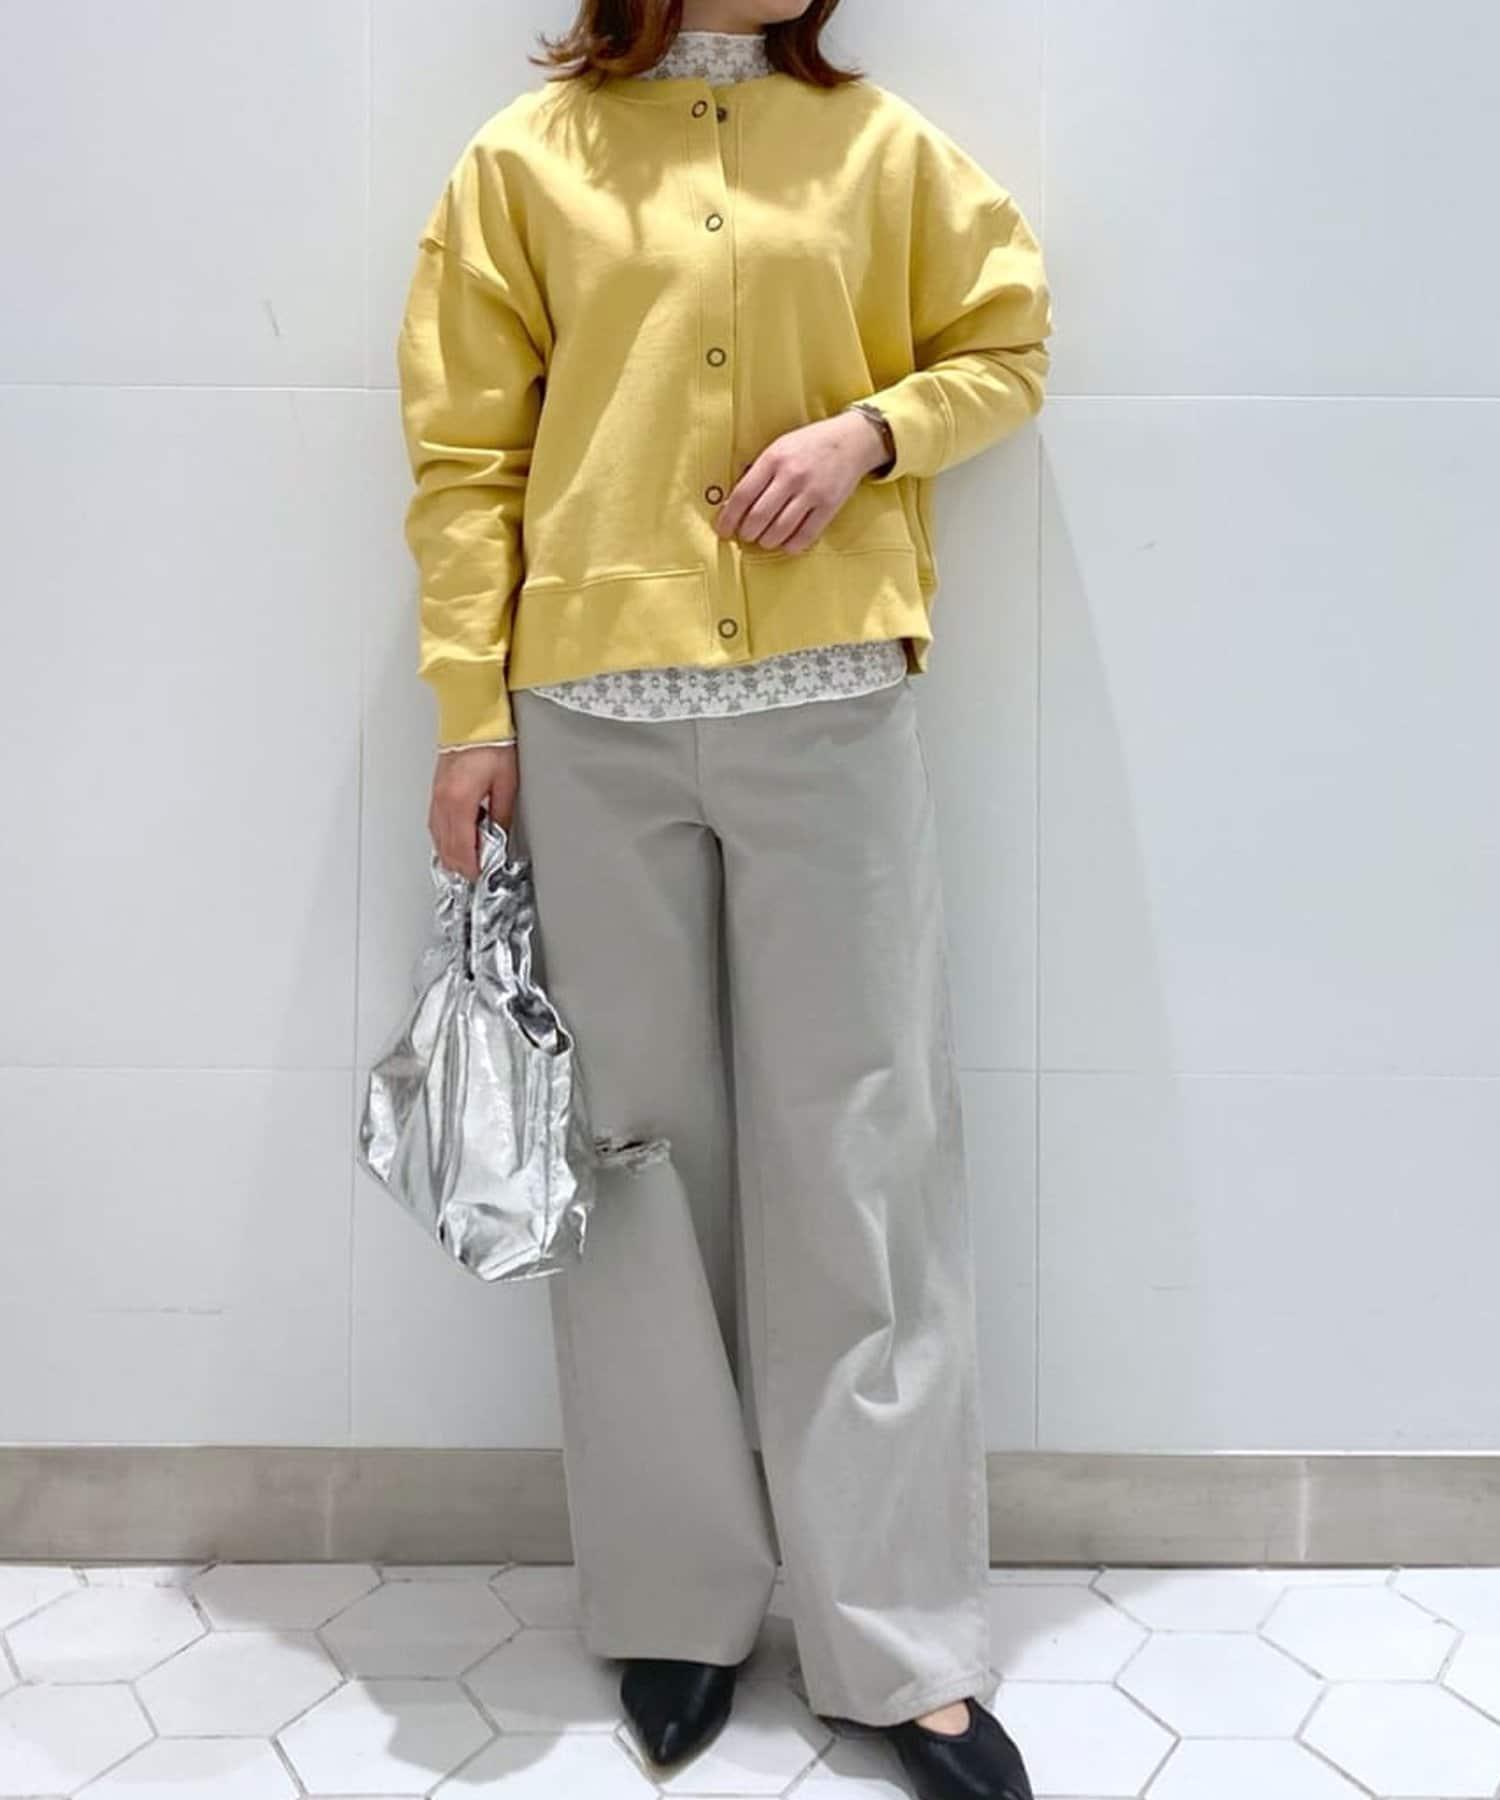 un dix cors(アンディコール) 《予約》【美シルエットのカジュアルパンツ】ダメージセミワイドカツラギパンツ